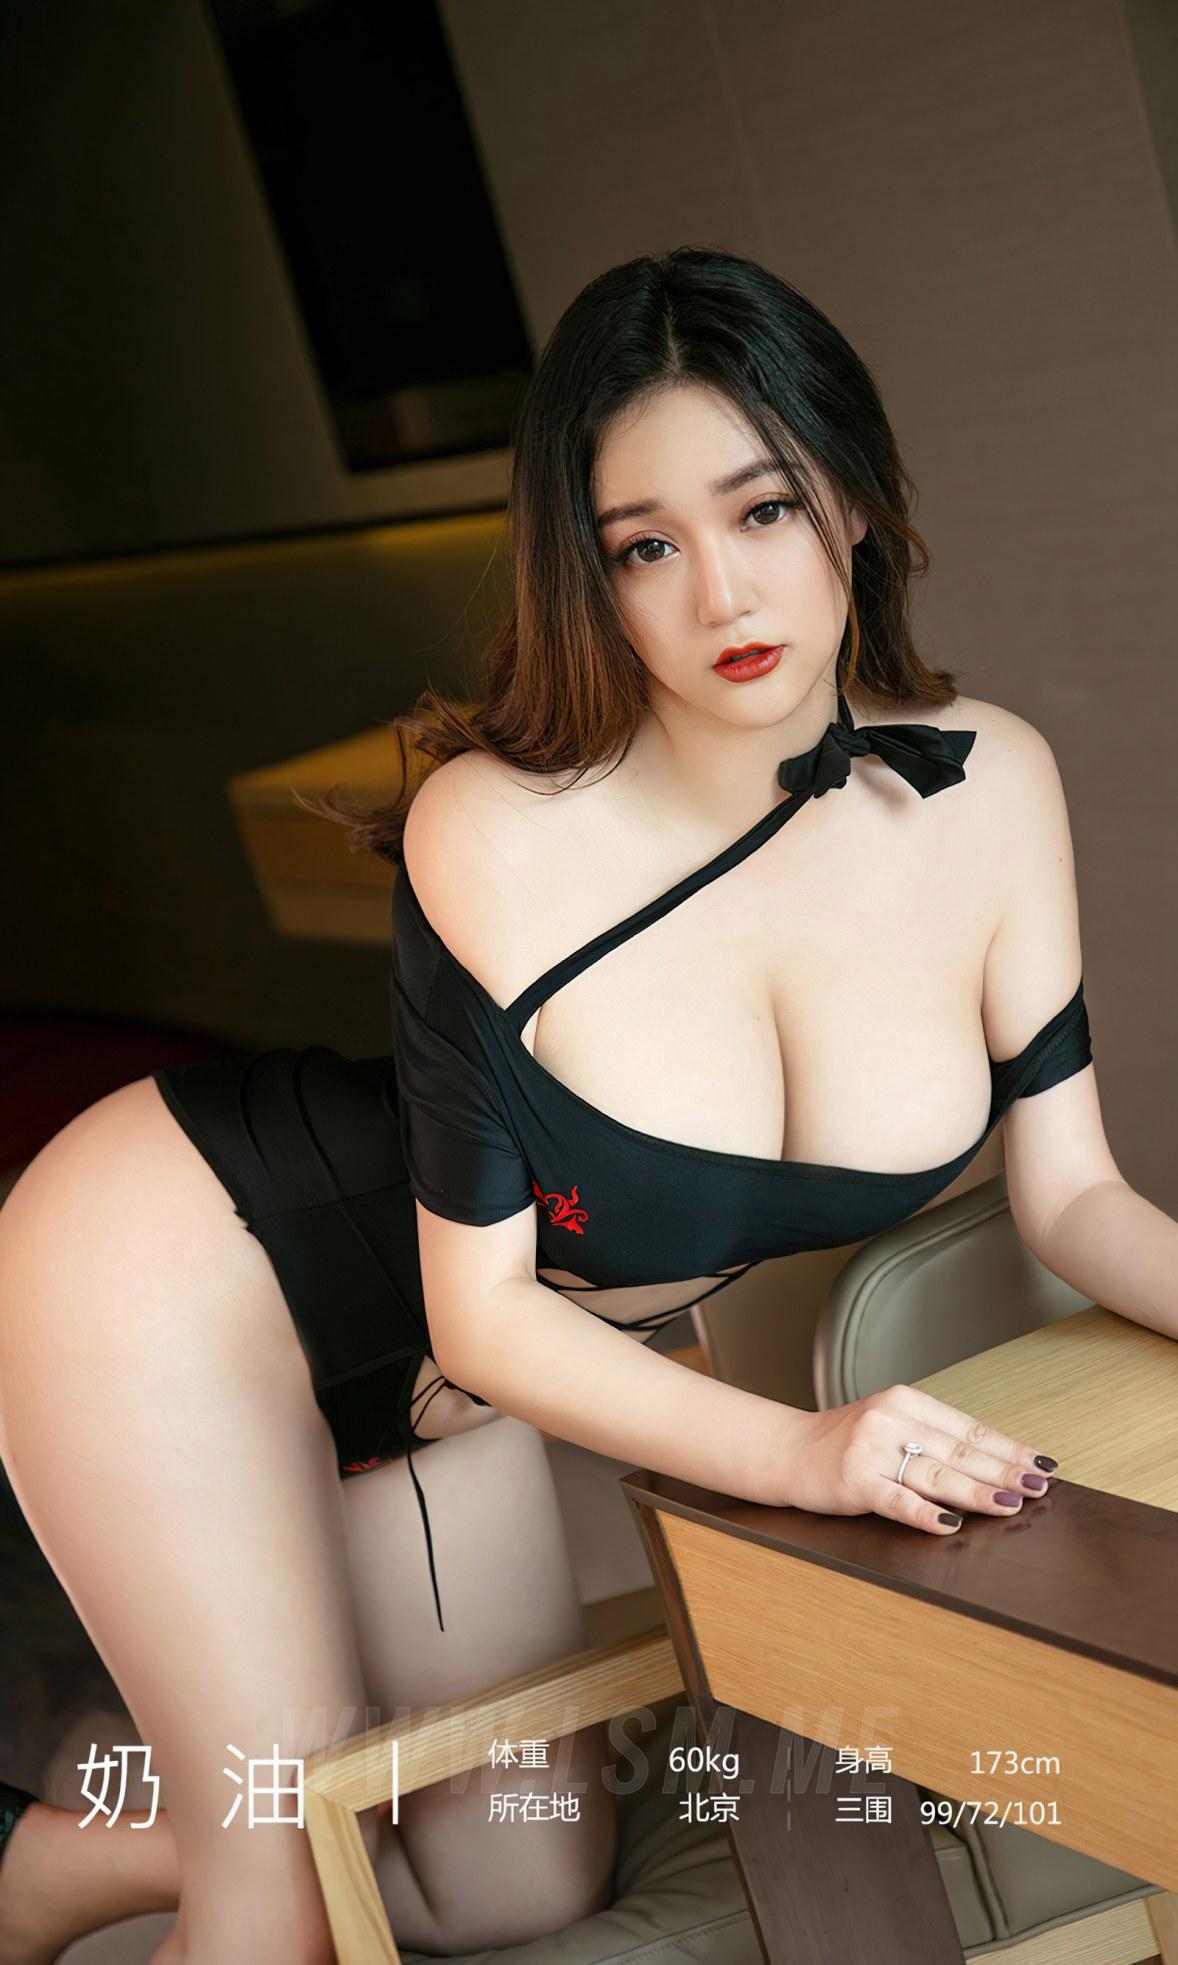 UGirls 爱尤物 No.2024 巨乳少女 奶油 恋爱吗?小哥哥 - 3